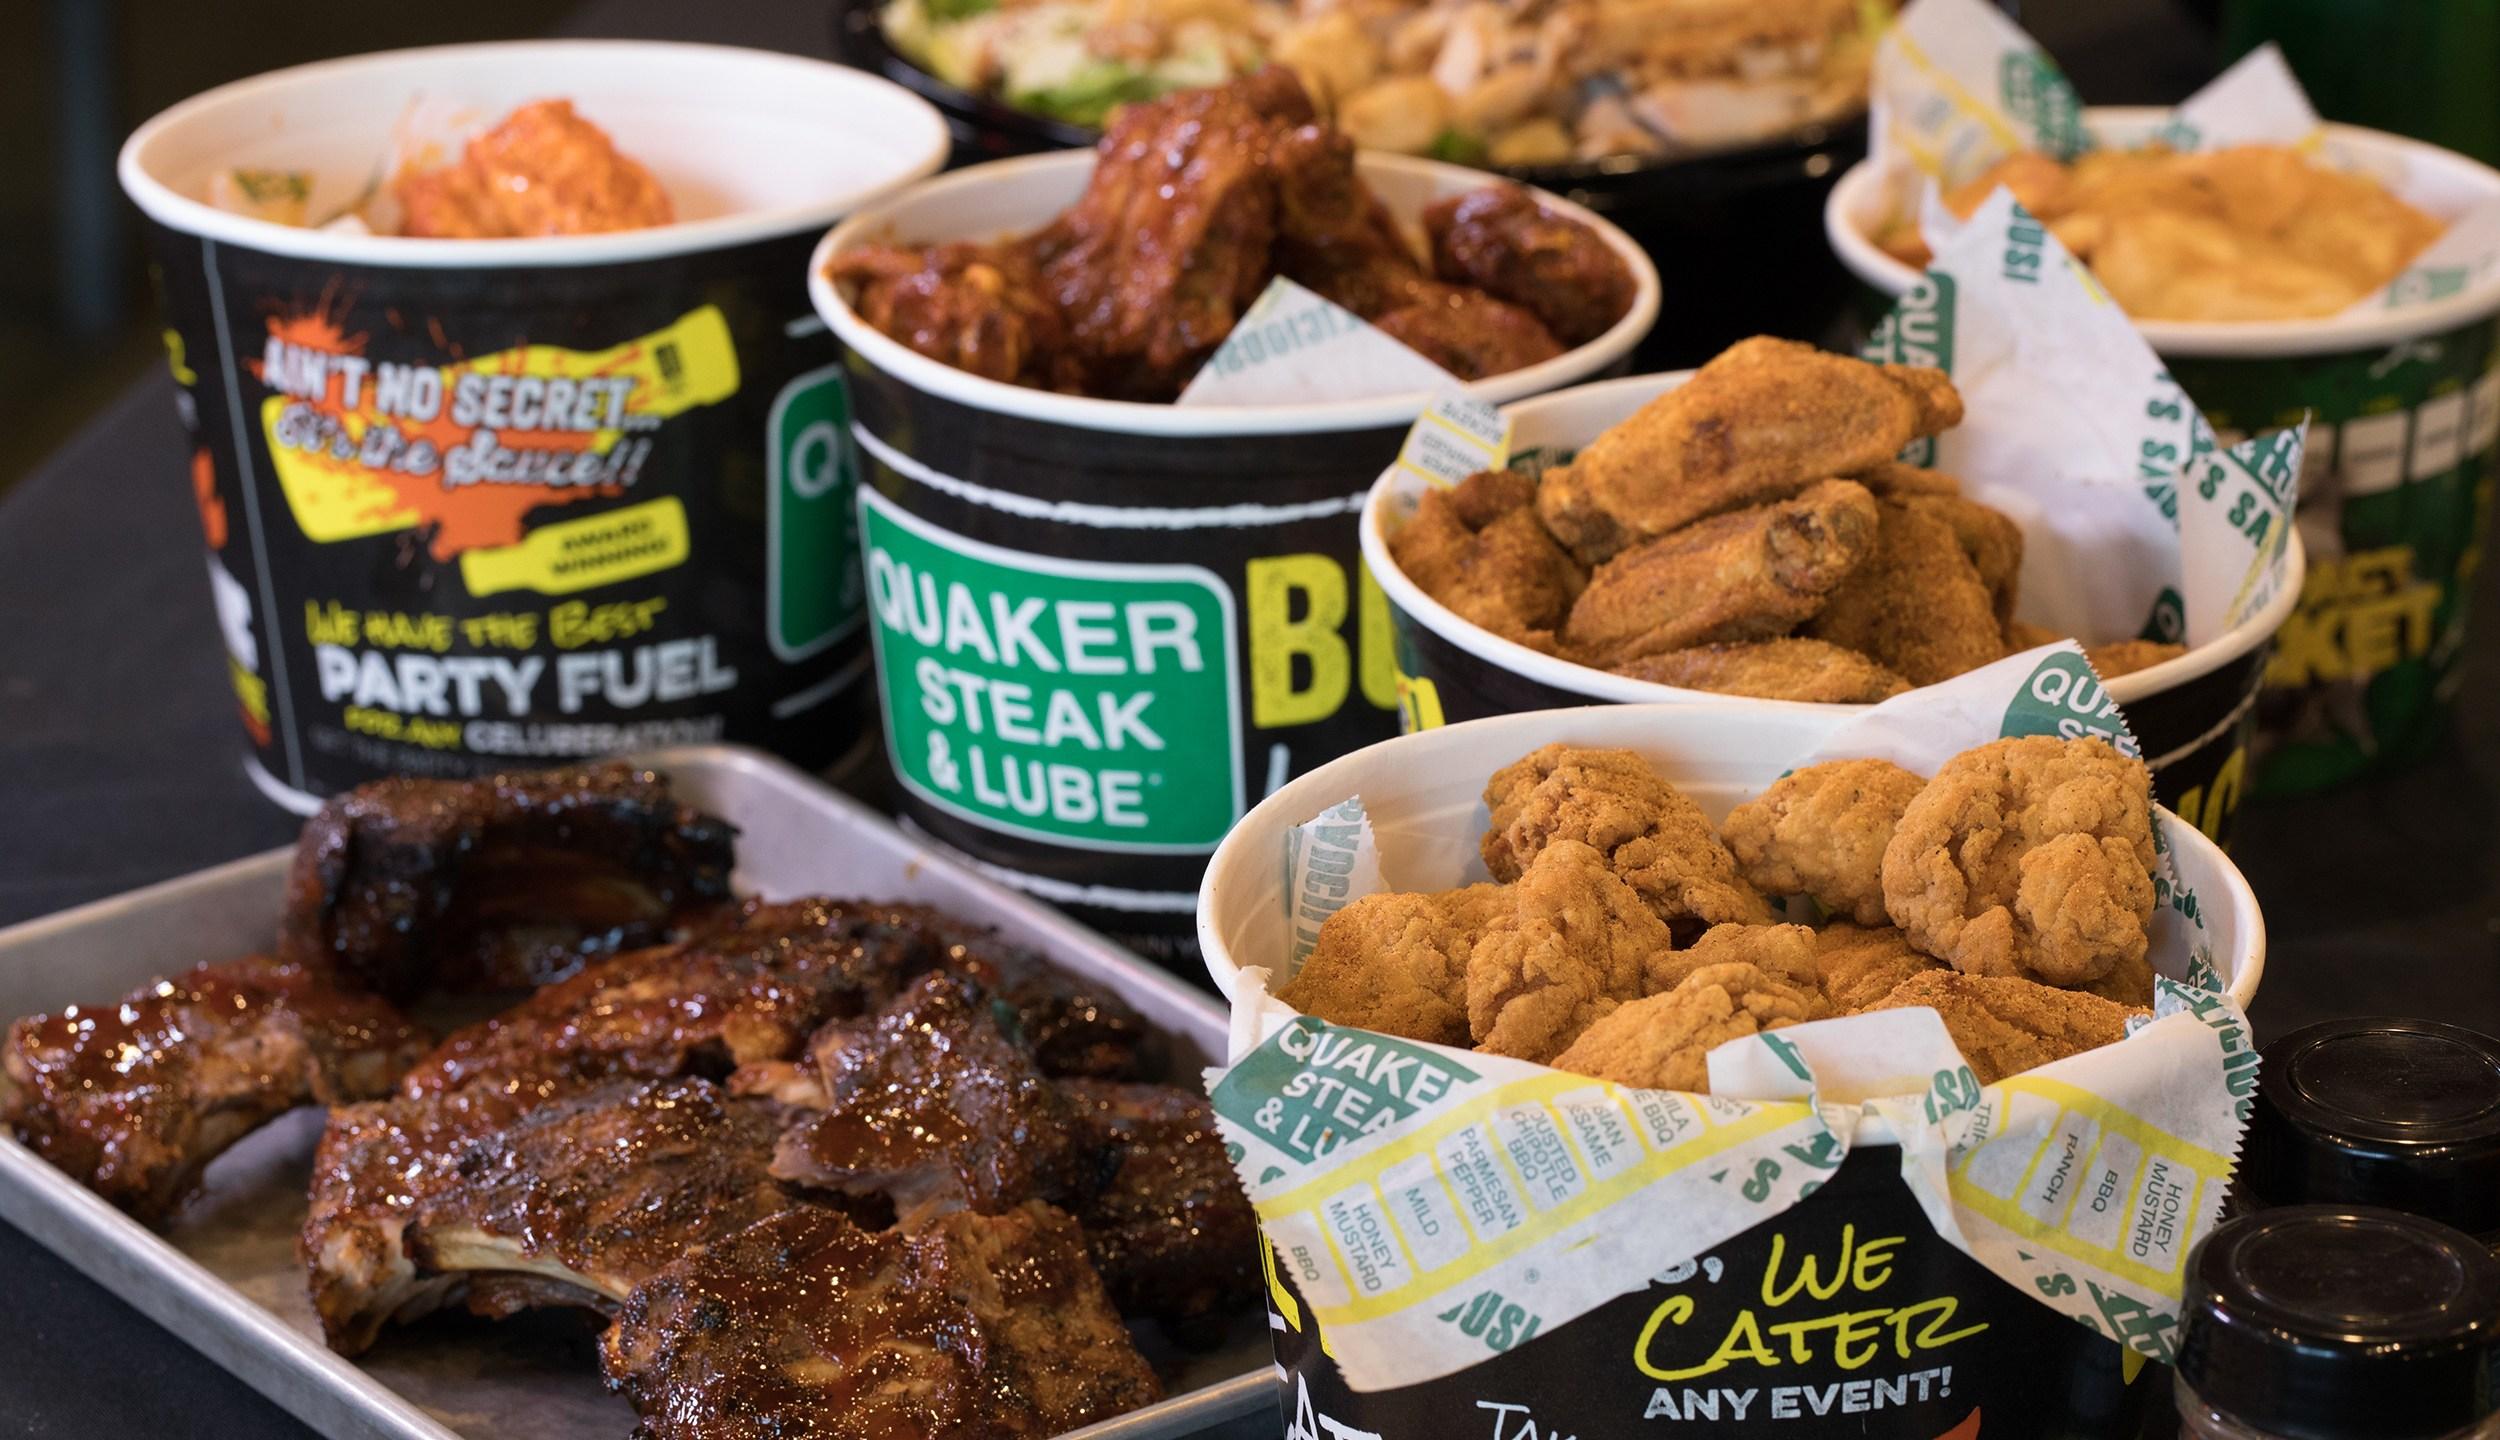 Quaker Steak & Lube catering